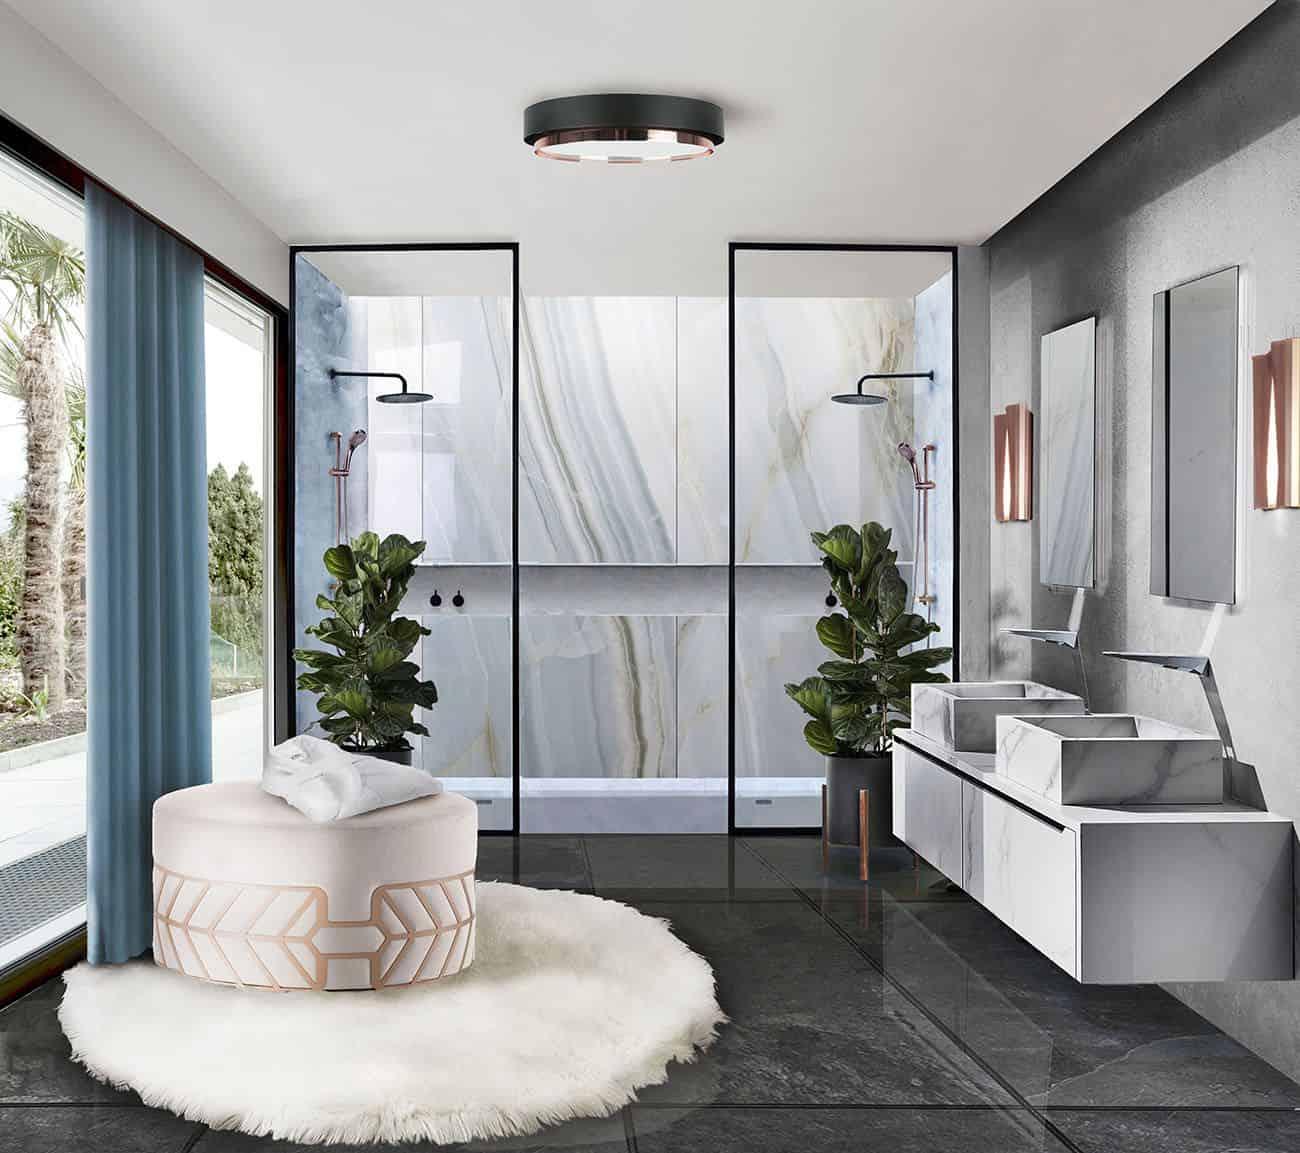 fur rug in bathroom